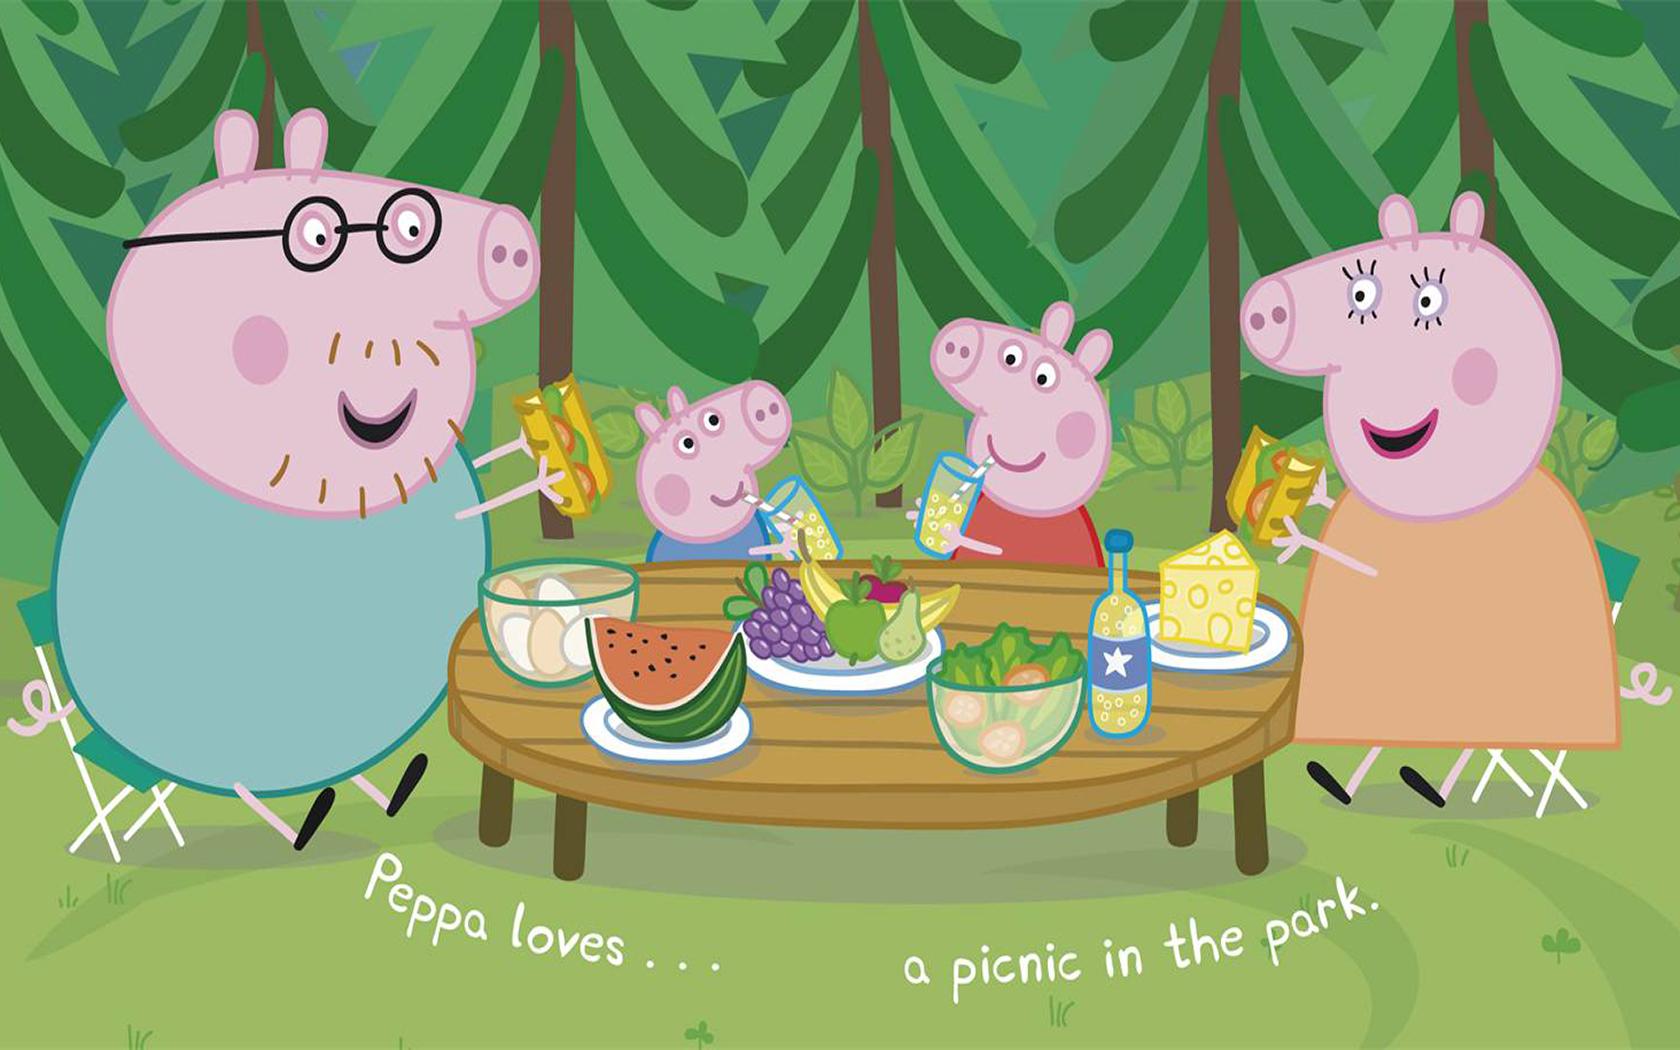 Peppa pig hd wallpaper wallpapersafari